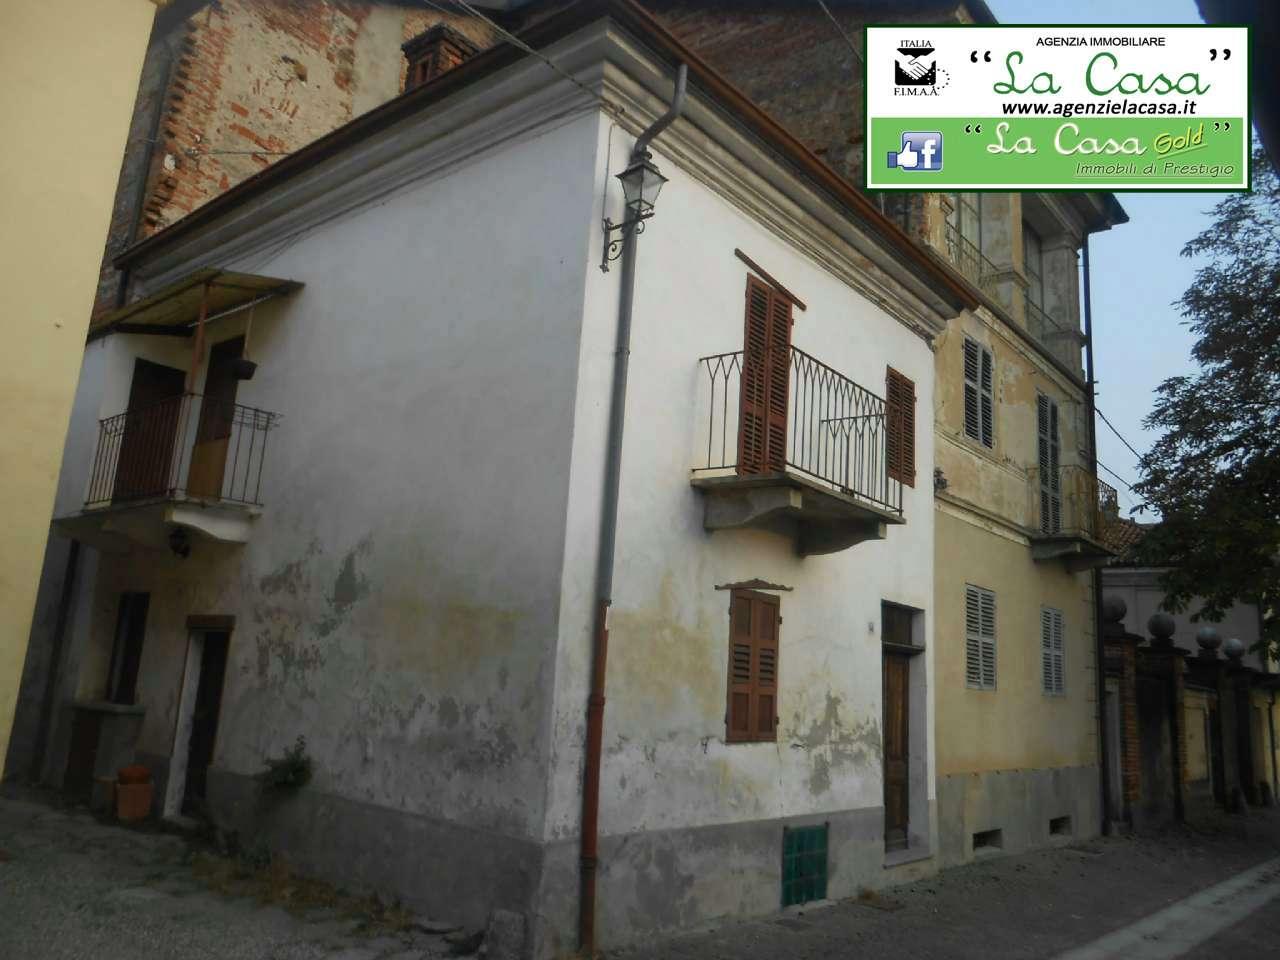 Palazzo / Stabile in vendita a Passerano Marmorito, 8 locali, prezzo € 29.000 | CambioCasa.it